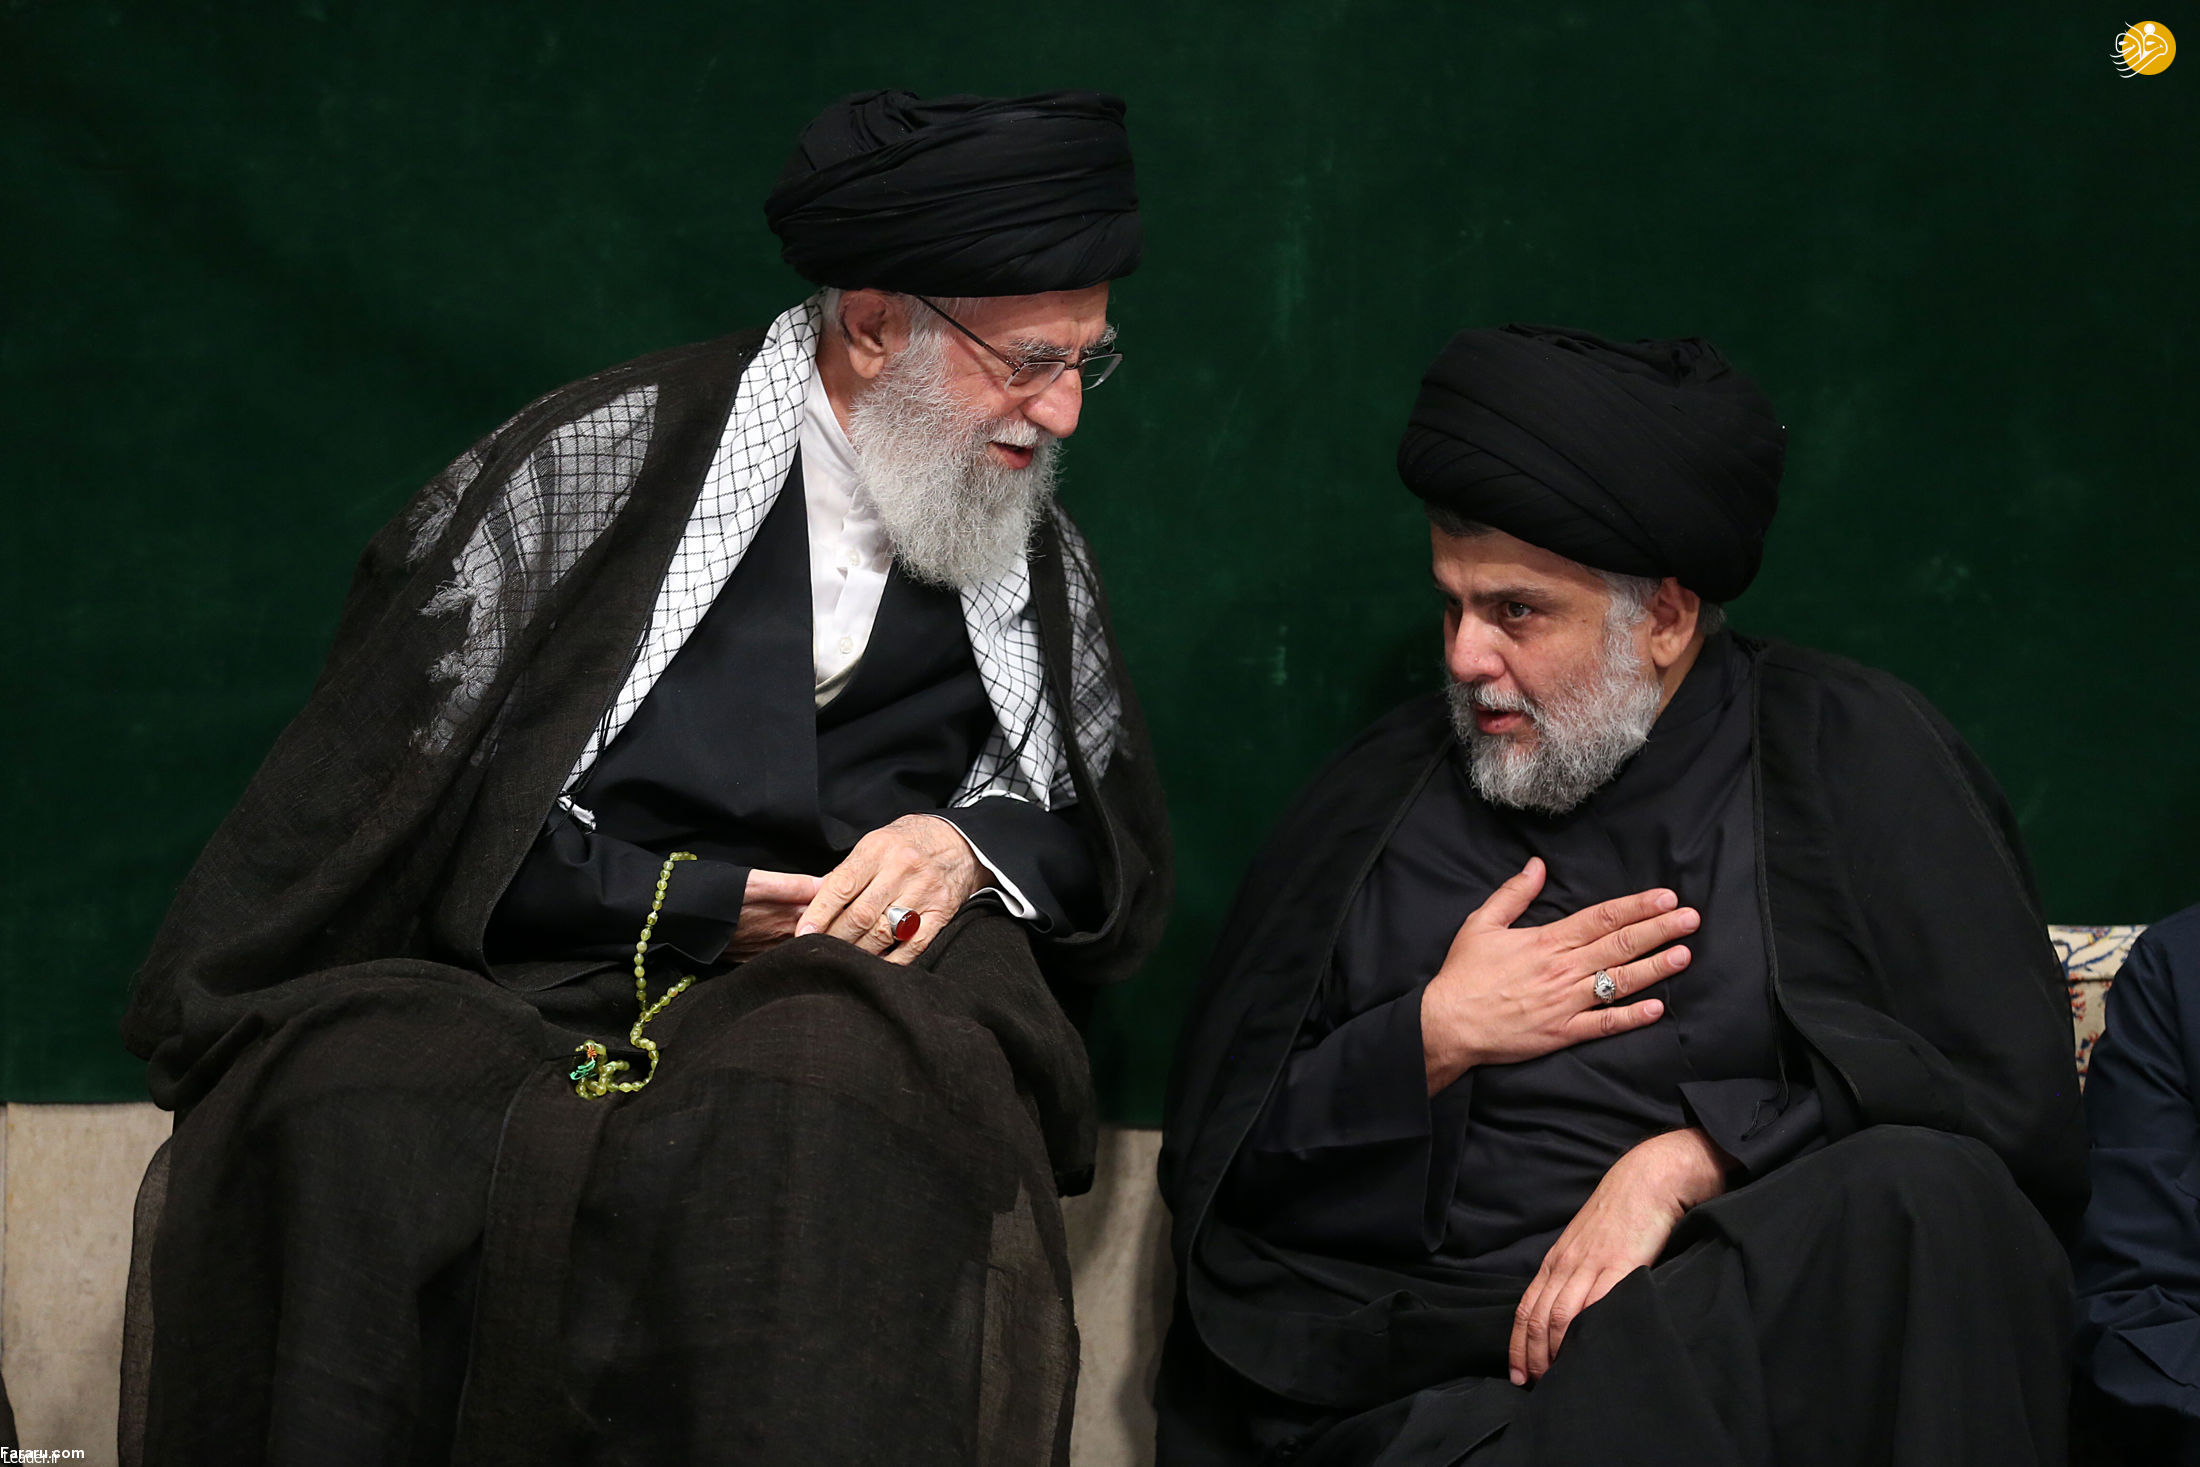 (تصاویر) مقتدی صدر و سردار سلیمانی در عزاداری بیت رهبری